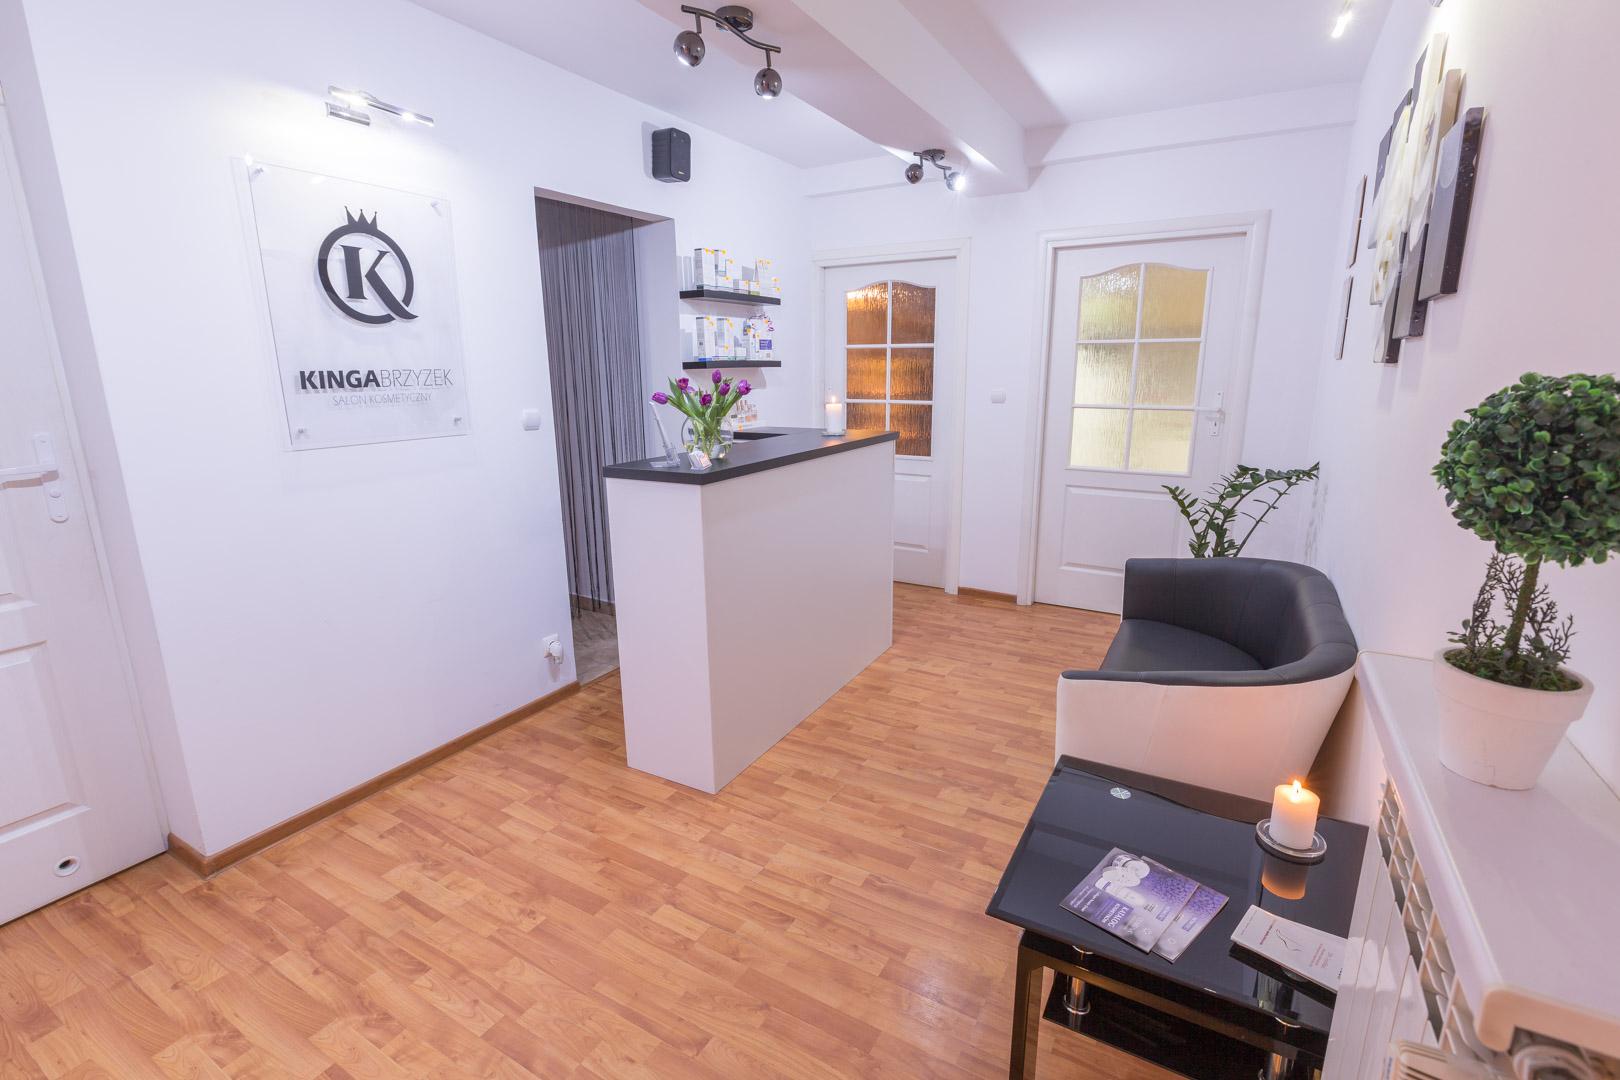 Galeria kinga brzyzek salon kosmetyczny nowy targ for 15 115 salon kosmetyczny opinie